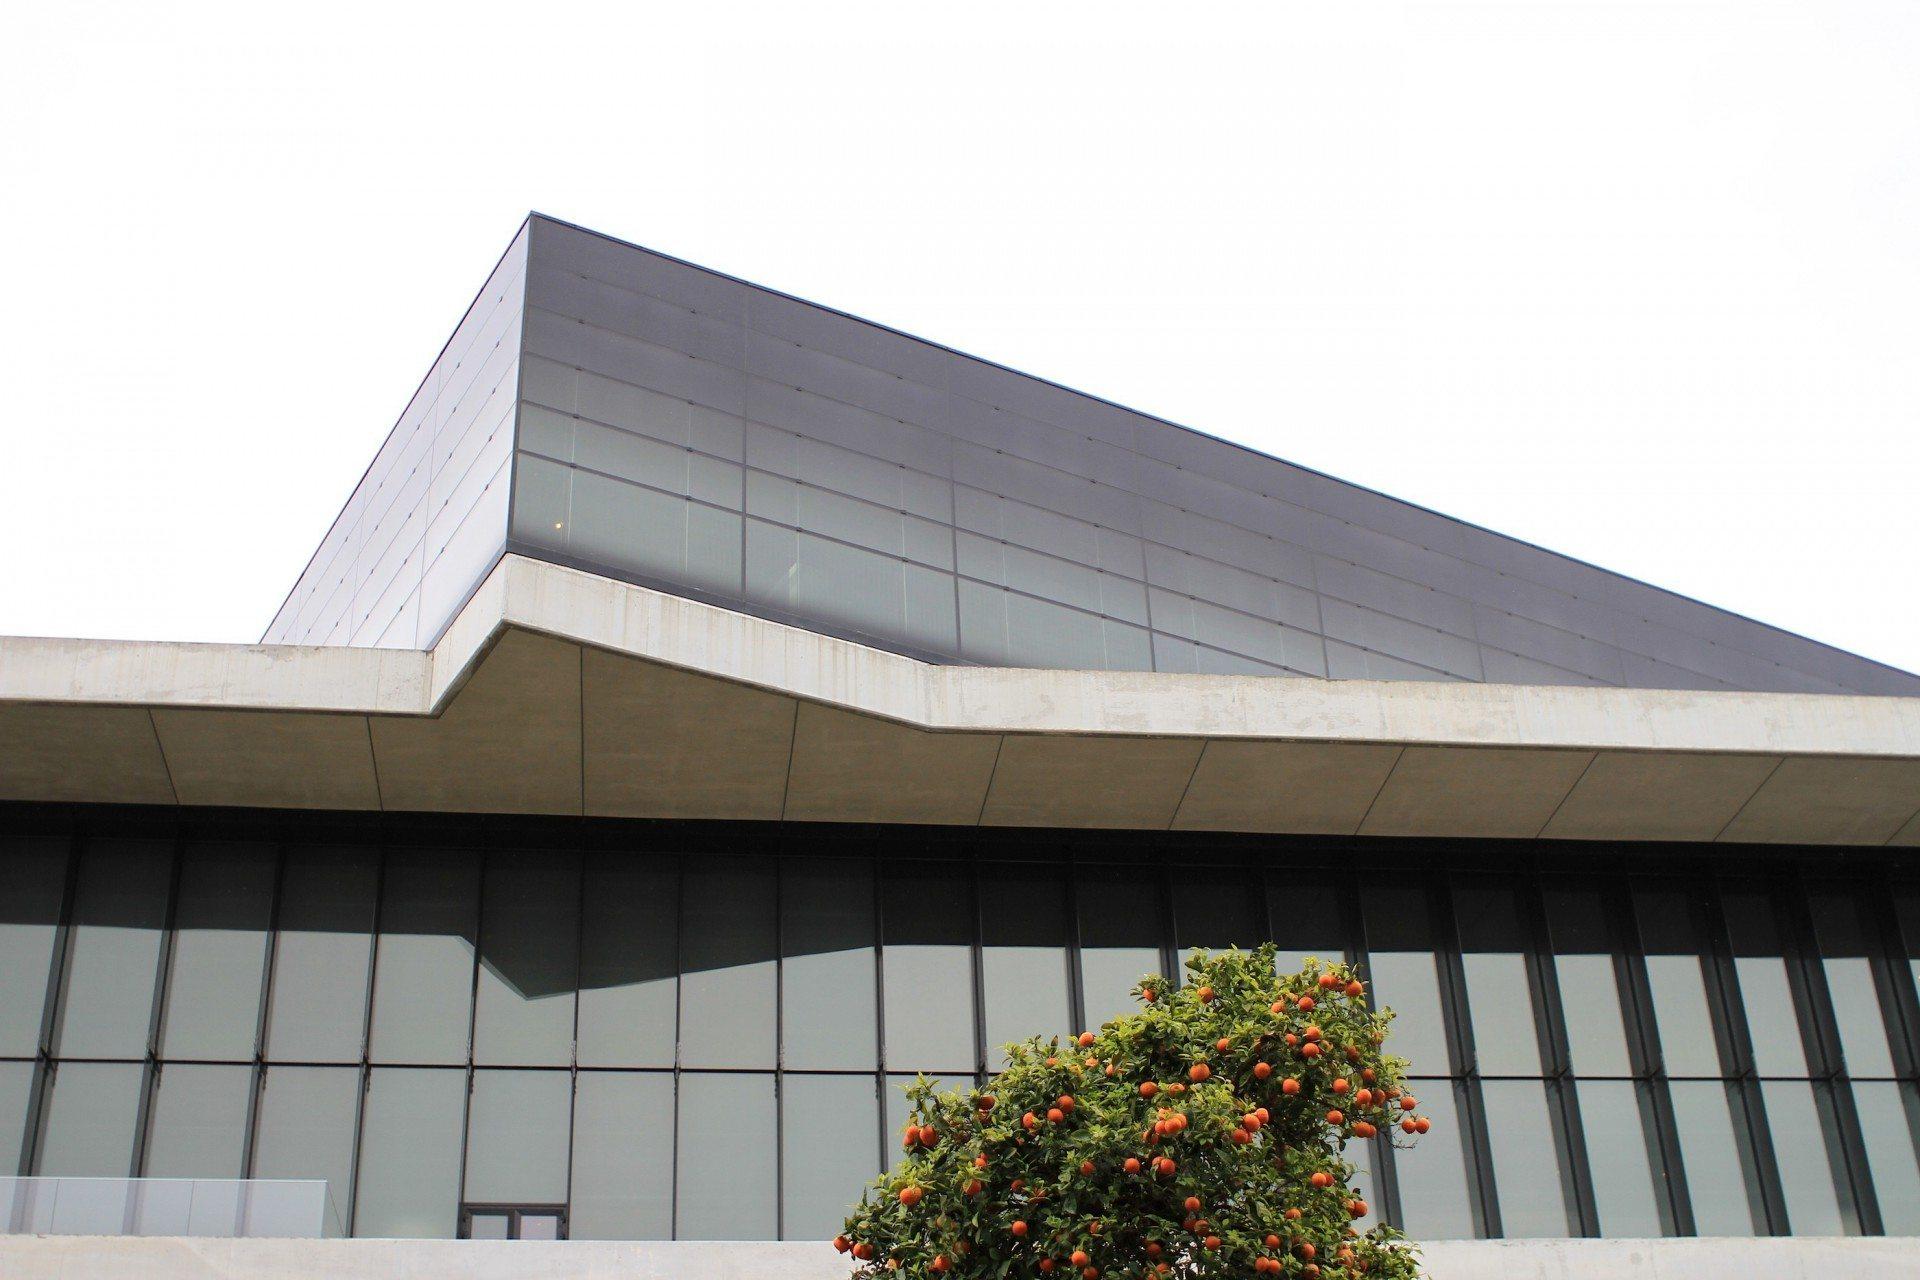 Gedreht.  Während die Fensterflächen der unteren Geschosse durch die Dachüberstände teilweise verschattet werden, ist die abschließend gedrehte Parthenon-Galerie mit einer zweischaligen Glasfassade versehen. Die erhitzte Luft wird durch Konvektion nach oben abgeführt, während kalte Luft von unten nachströmt.